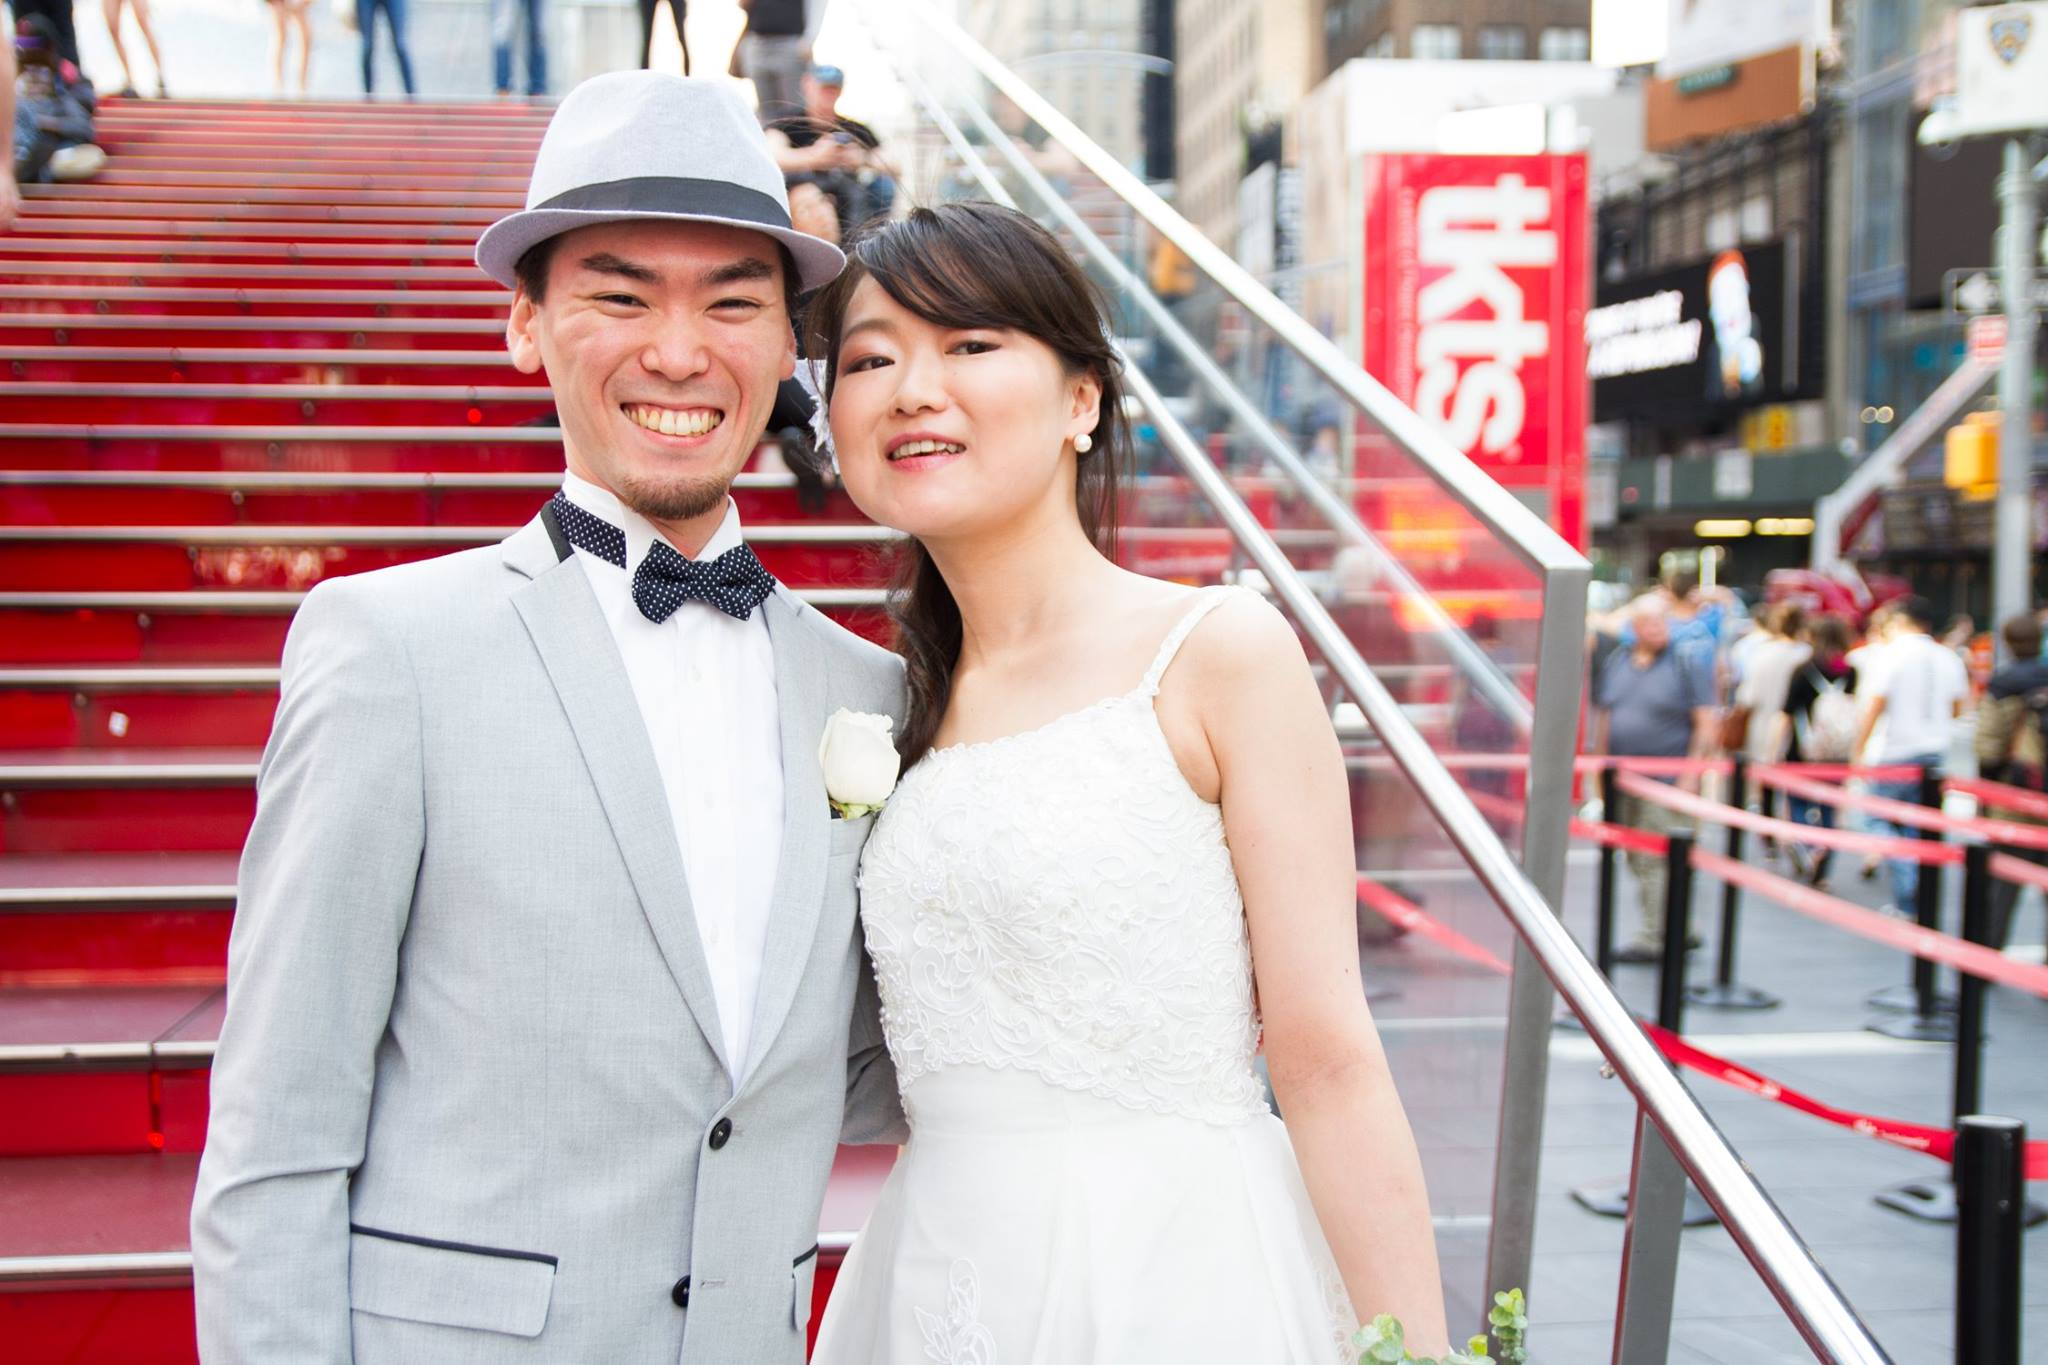 Haruki and Yukiko